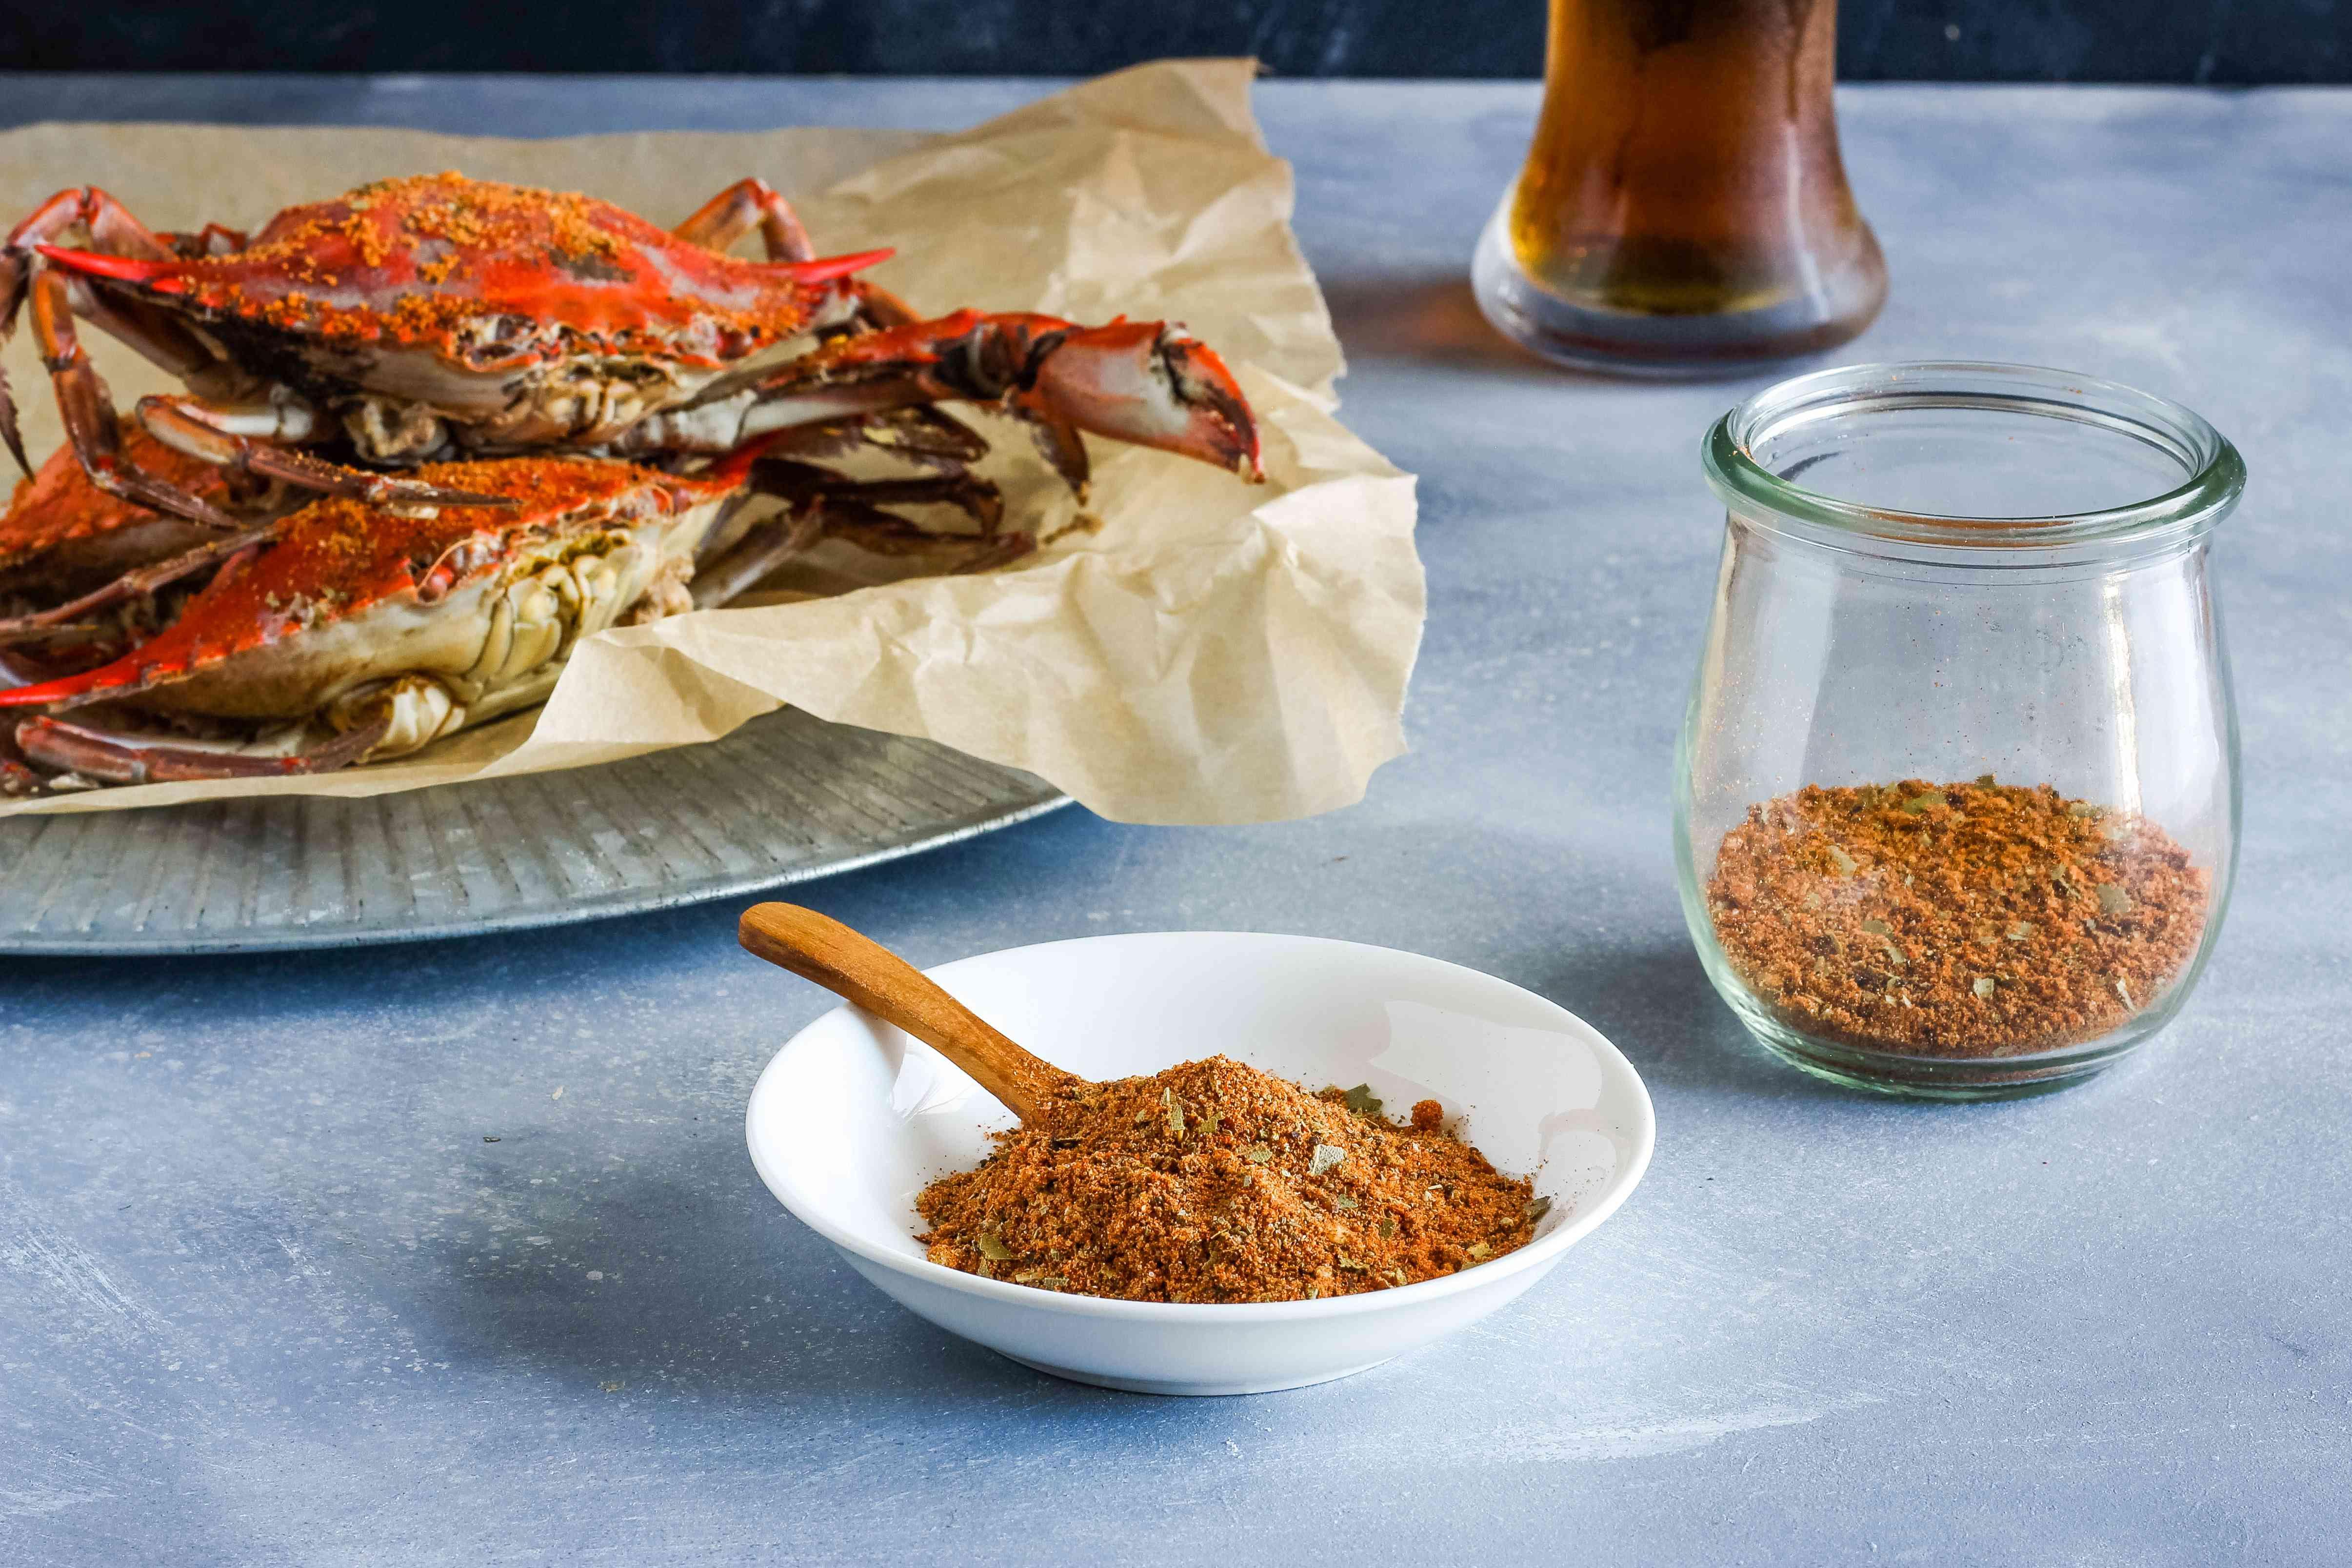 Old bay seasoning mix recipe